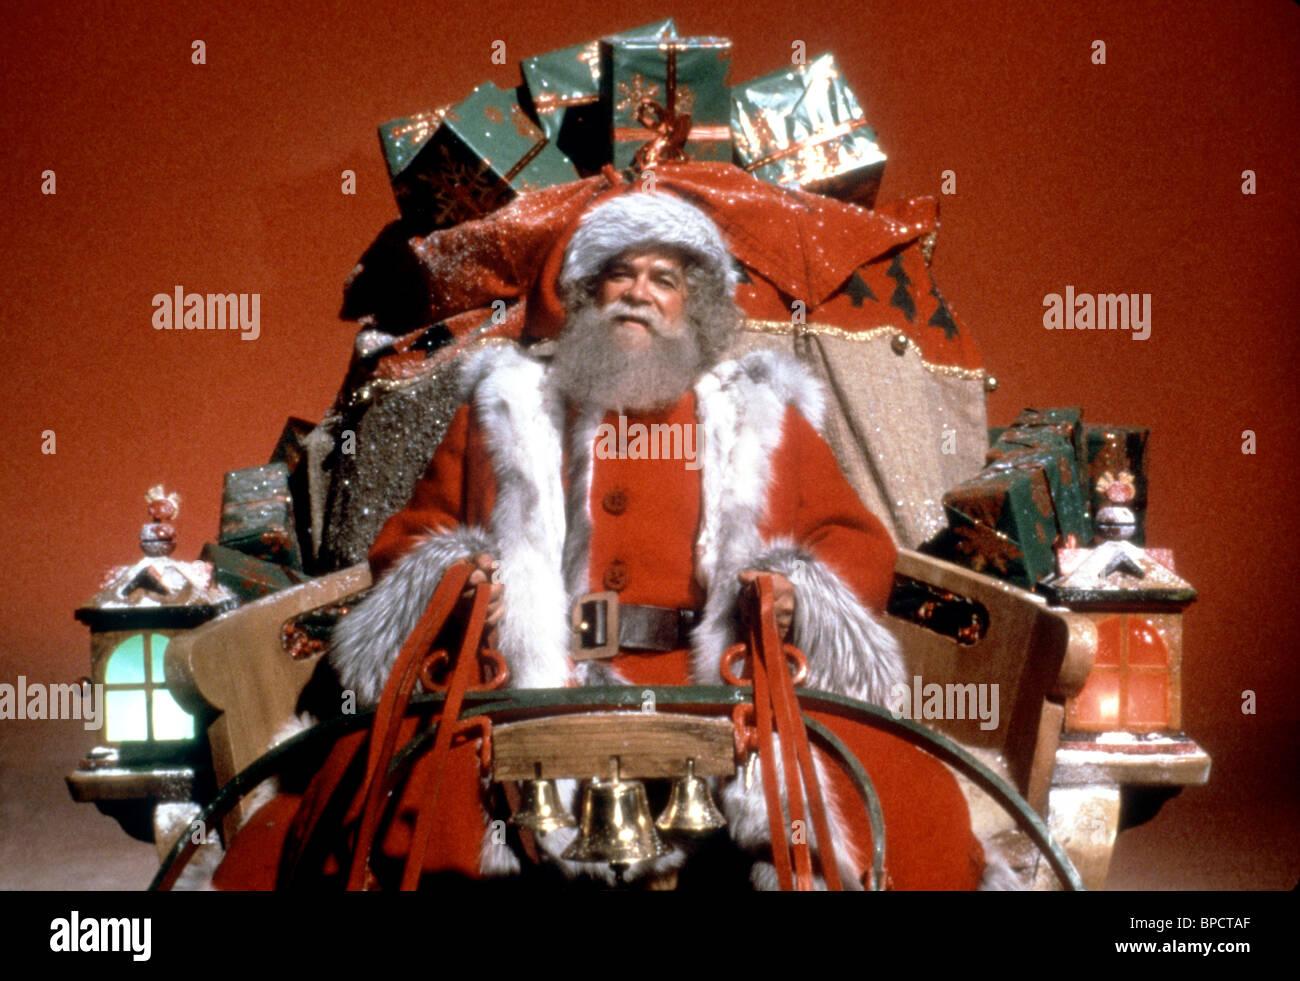 DAVID HUDDLESTON SANTA CLAUS : THE MOVIE (1985) - Stock Image